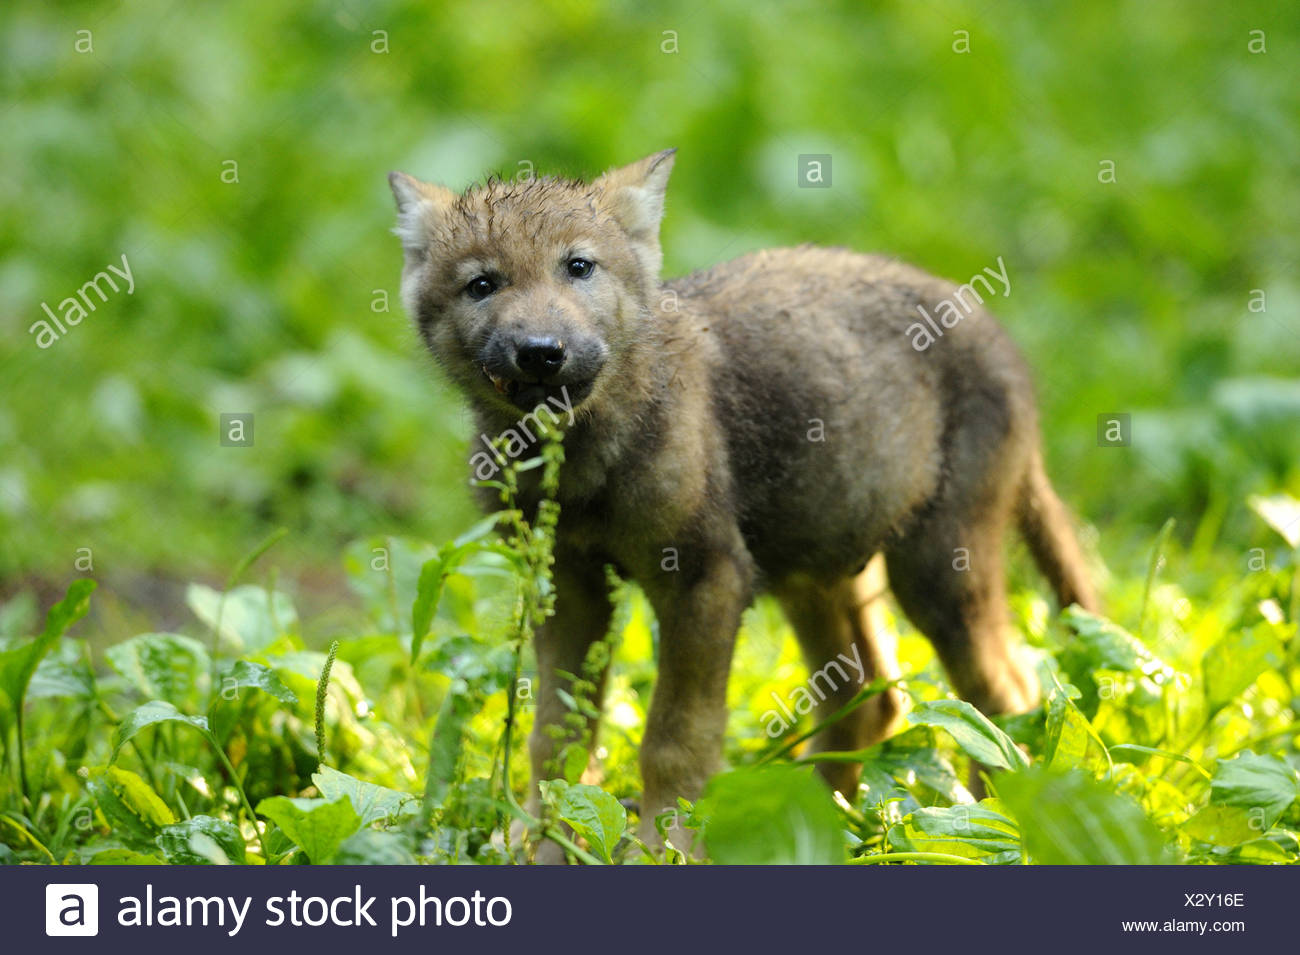 Europaische Graue Wolf Canis Lupus Lupus Wolf Cub Stehen In